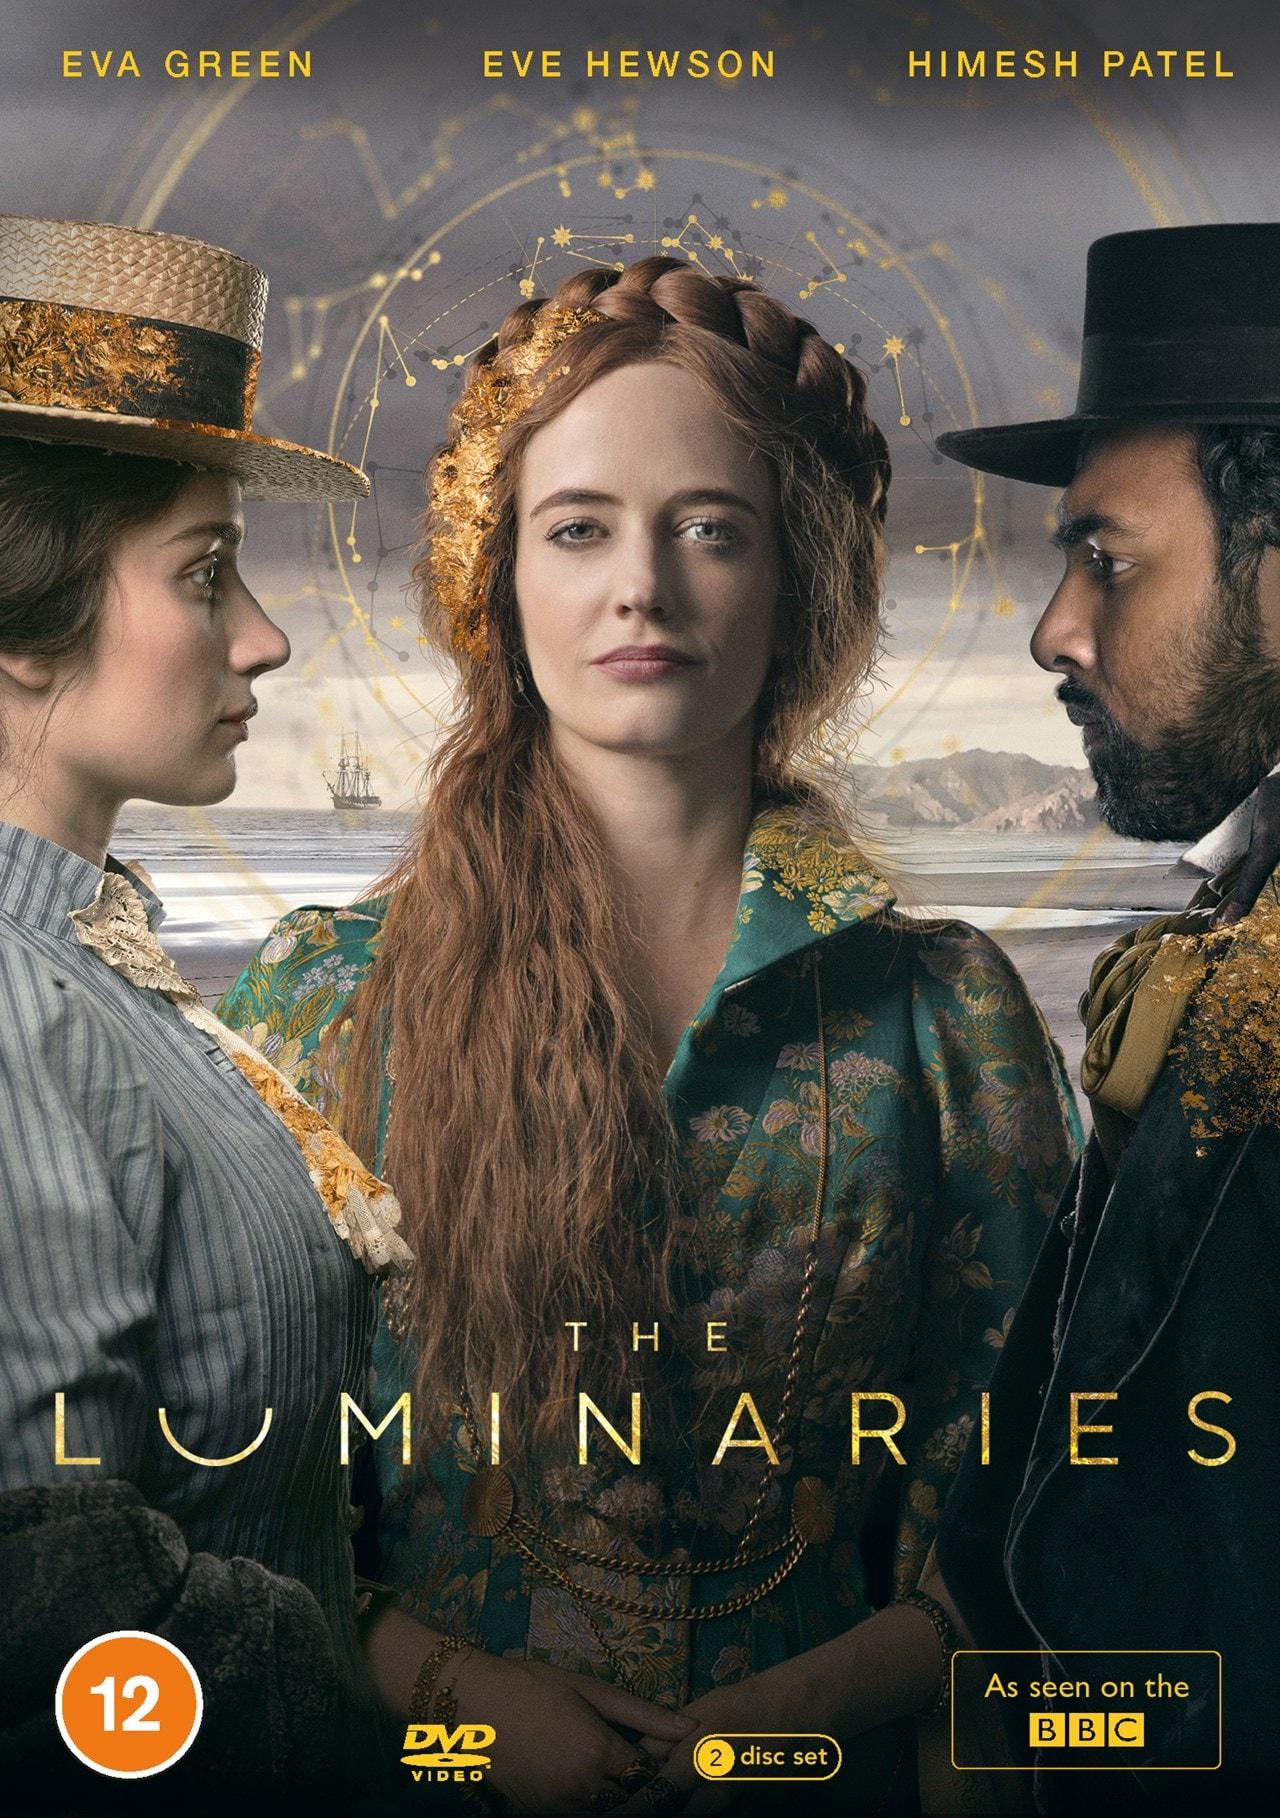 The Luminaries - 1